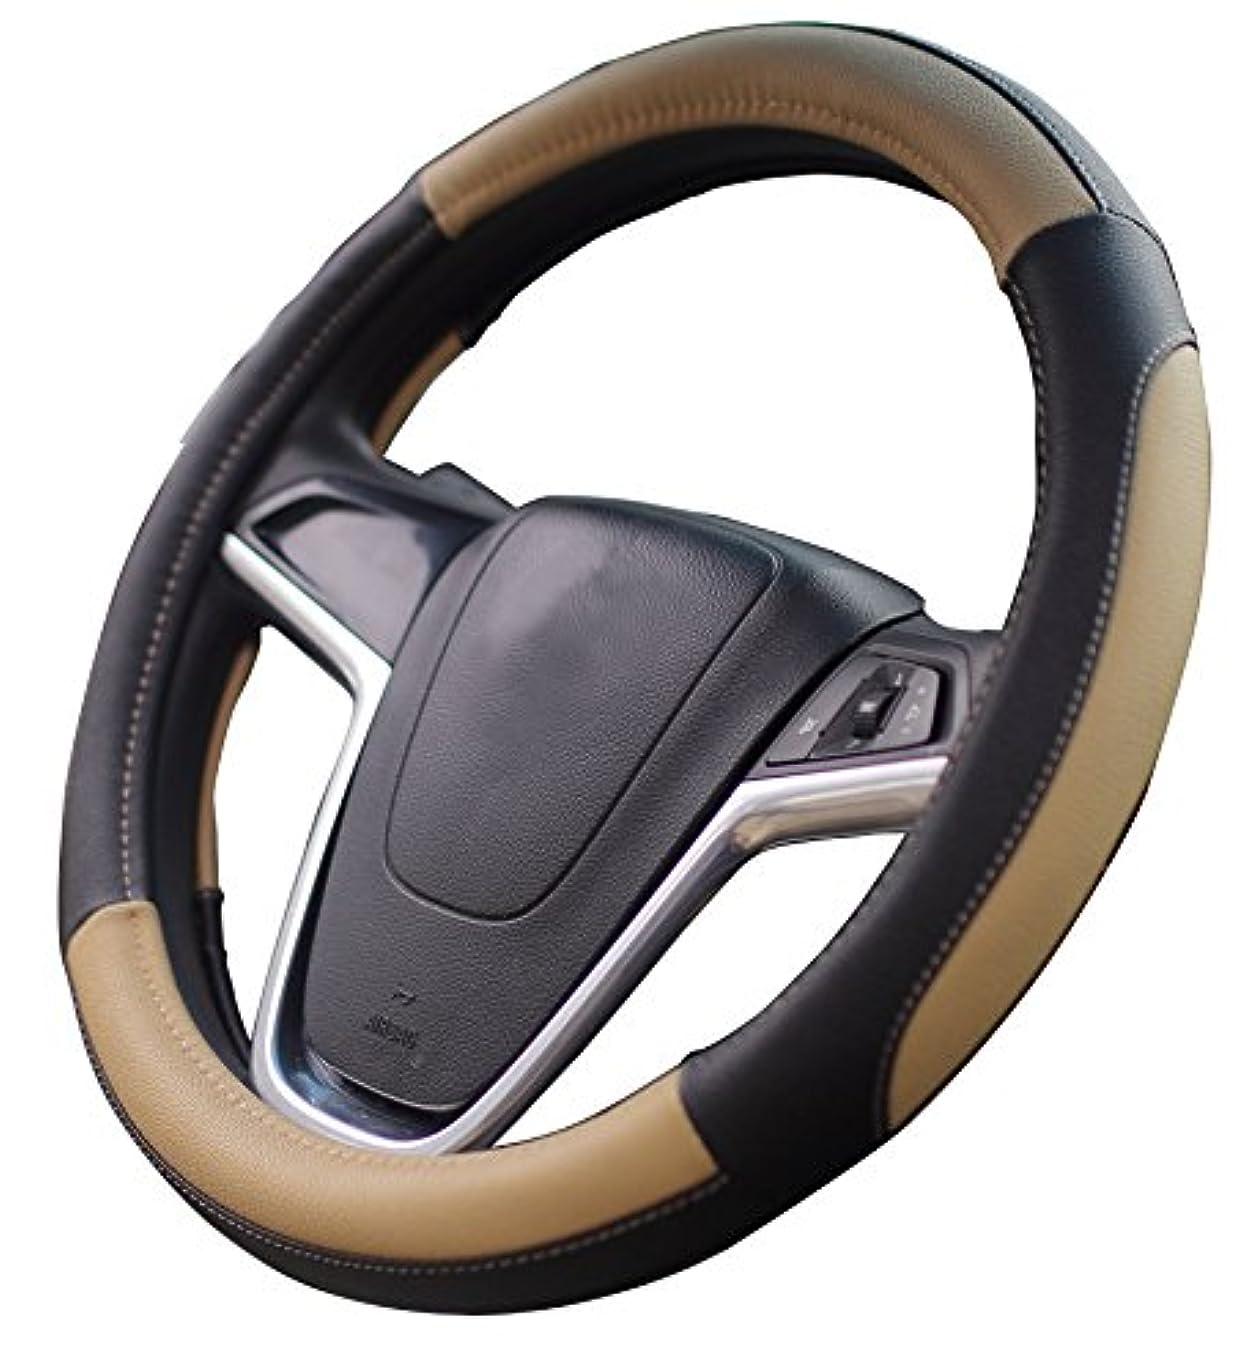 日放棄創傷車のステアリングホイールカバー38センチメートル中型快適な耐久性、安全性 ベージュ